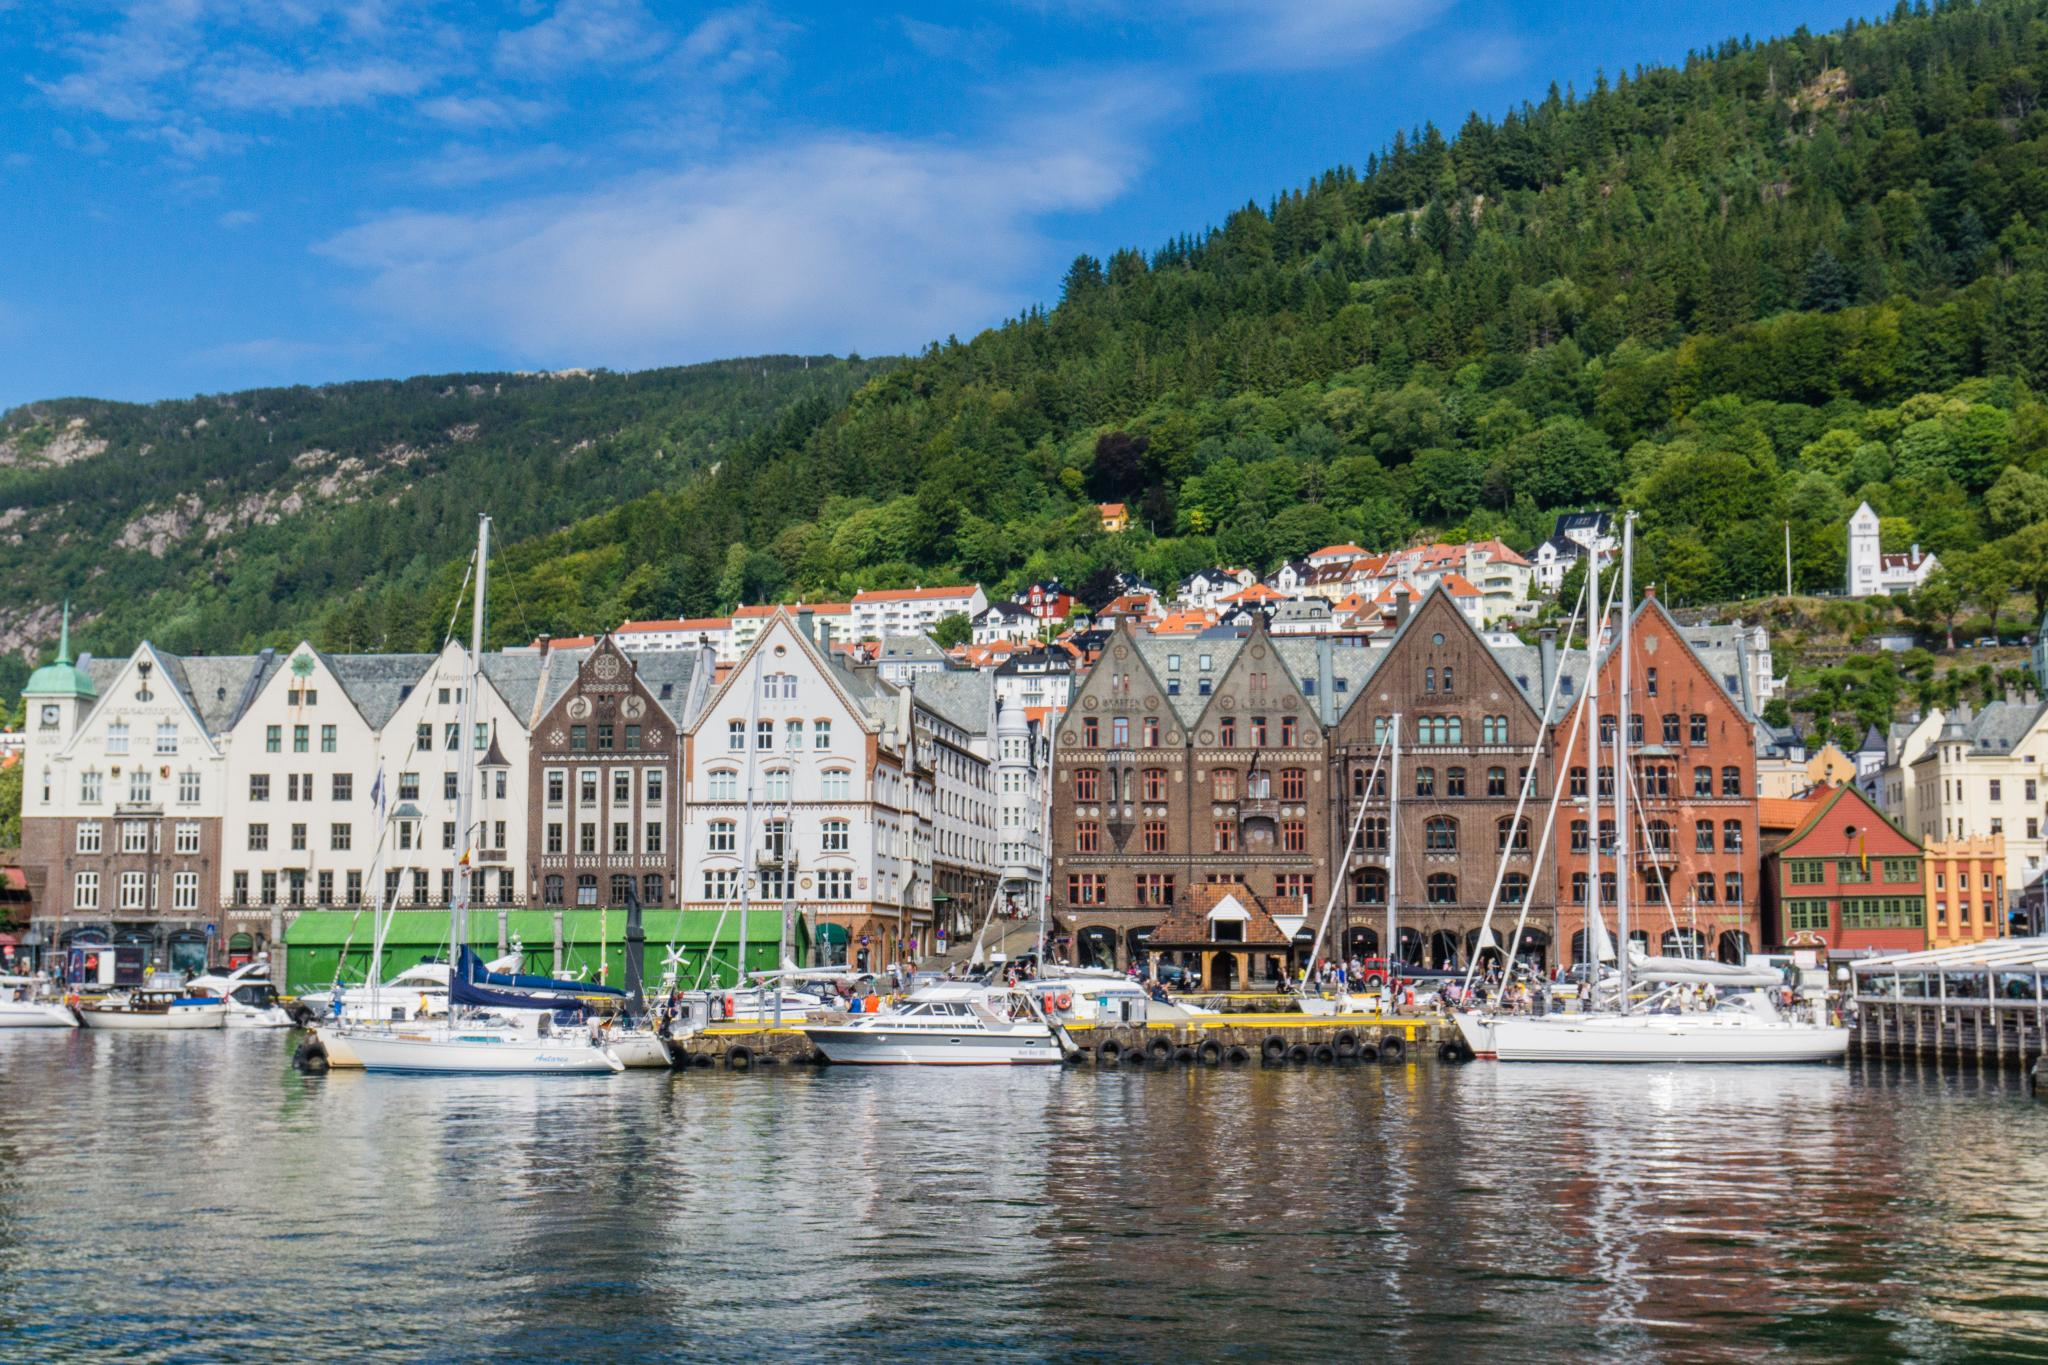 【卑爾根】童話北歐!卑爾根自由行景點全攻略 130